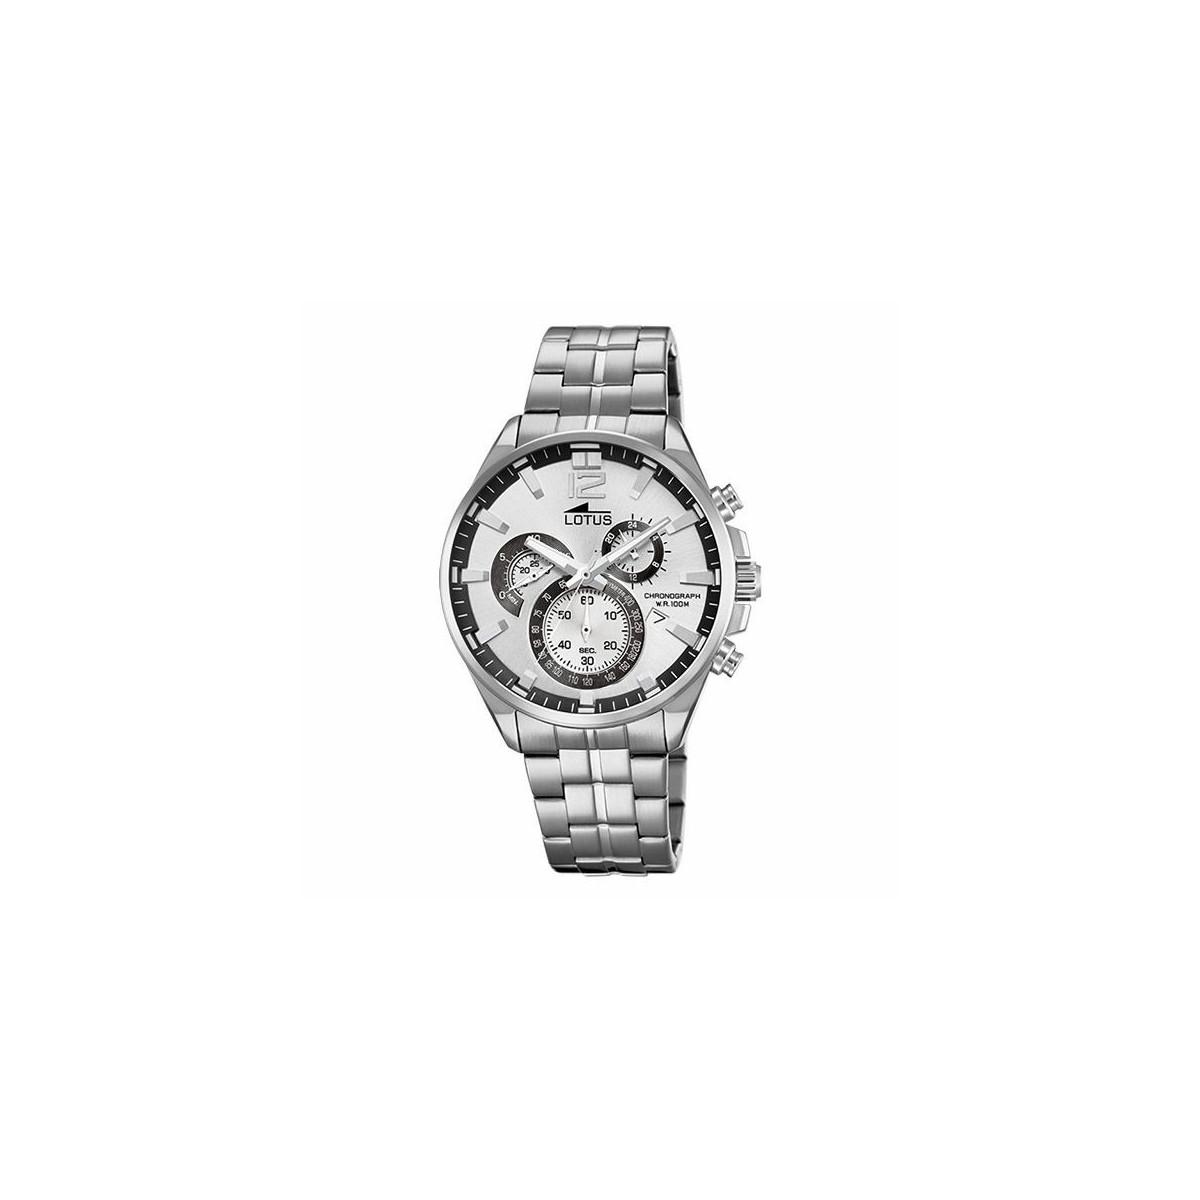 Reloj Lotus Cronógrafo Hombre 10136/1